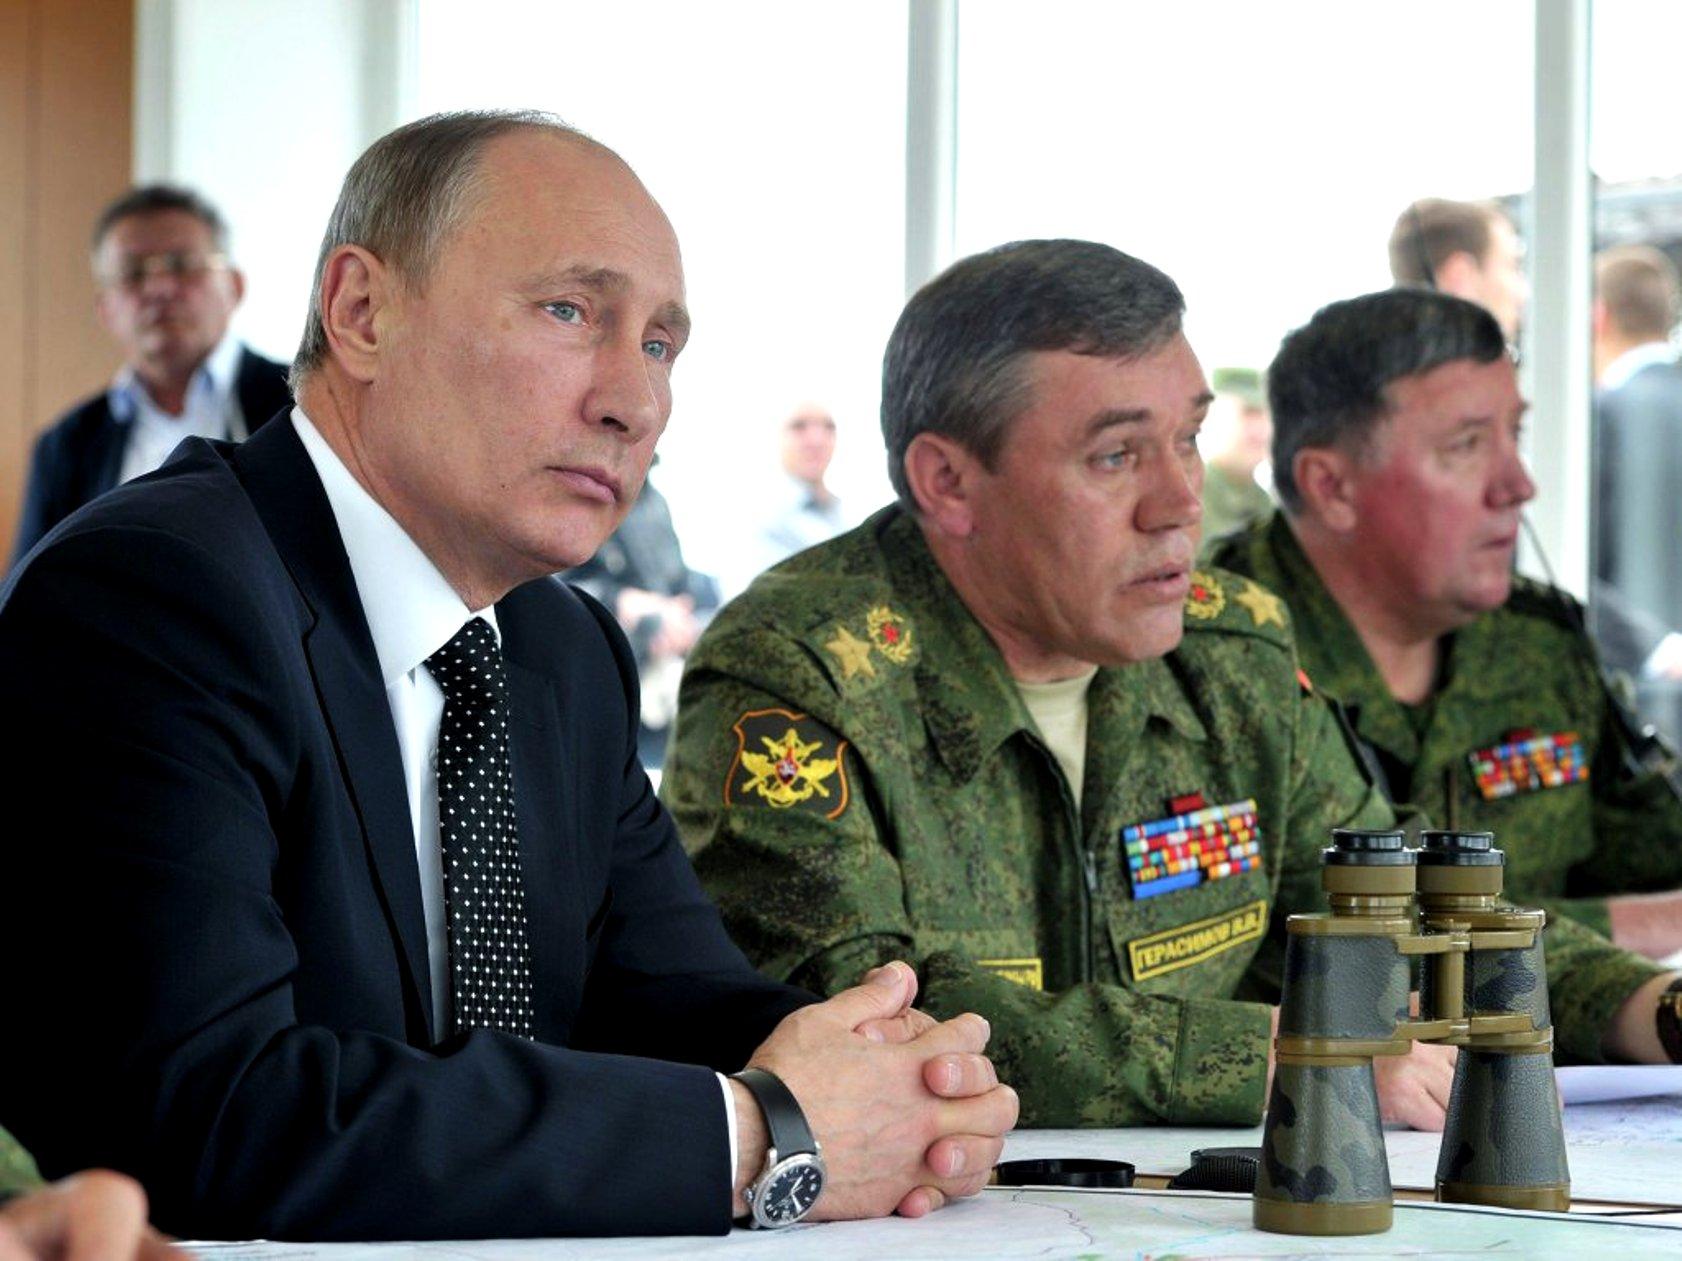 После Мюнхенской речи президент Путин стал для США главным раздражителем